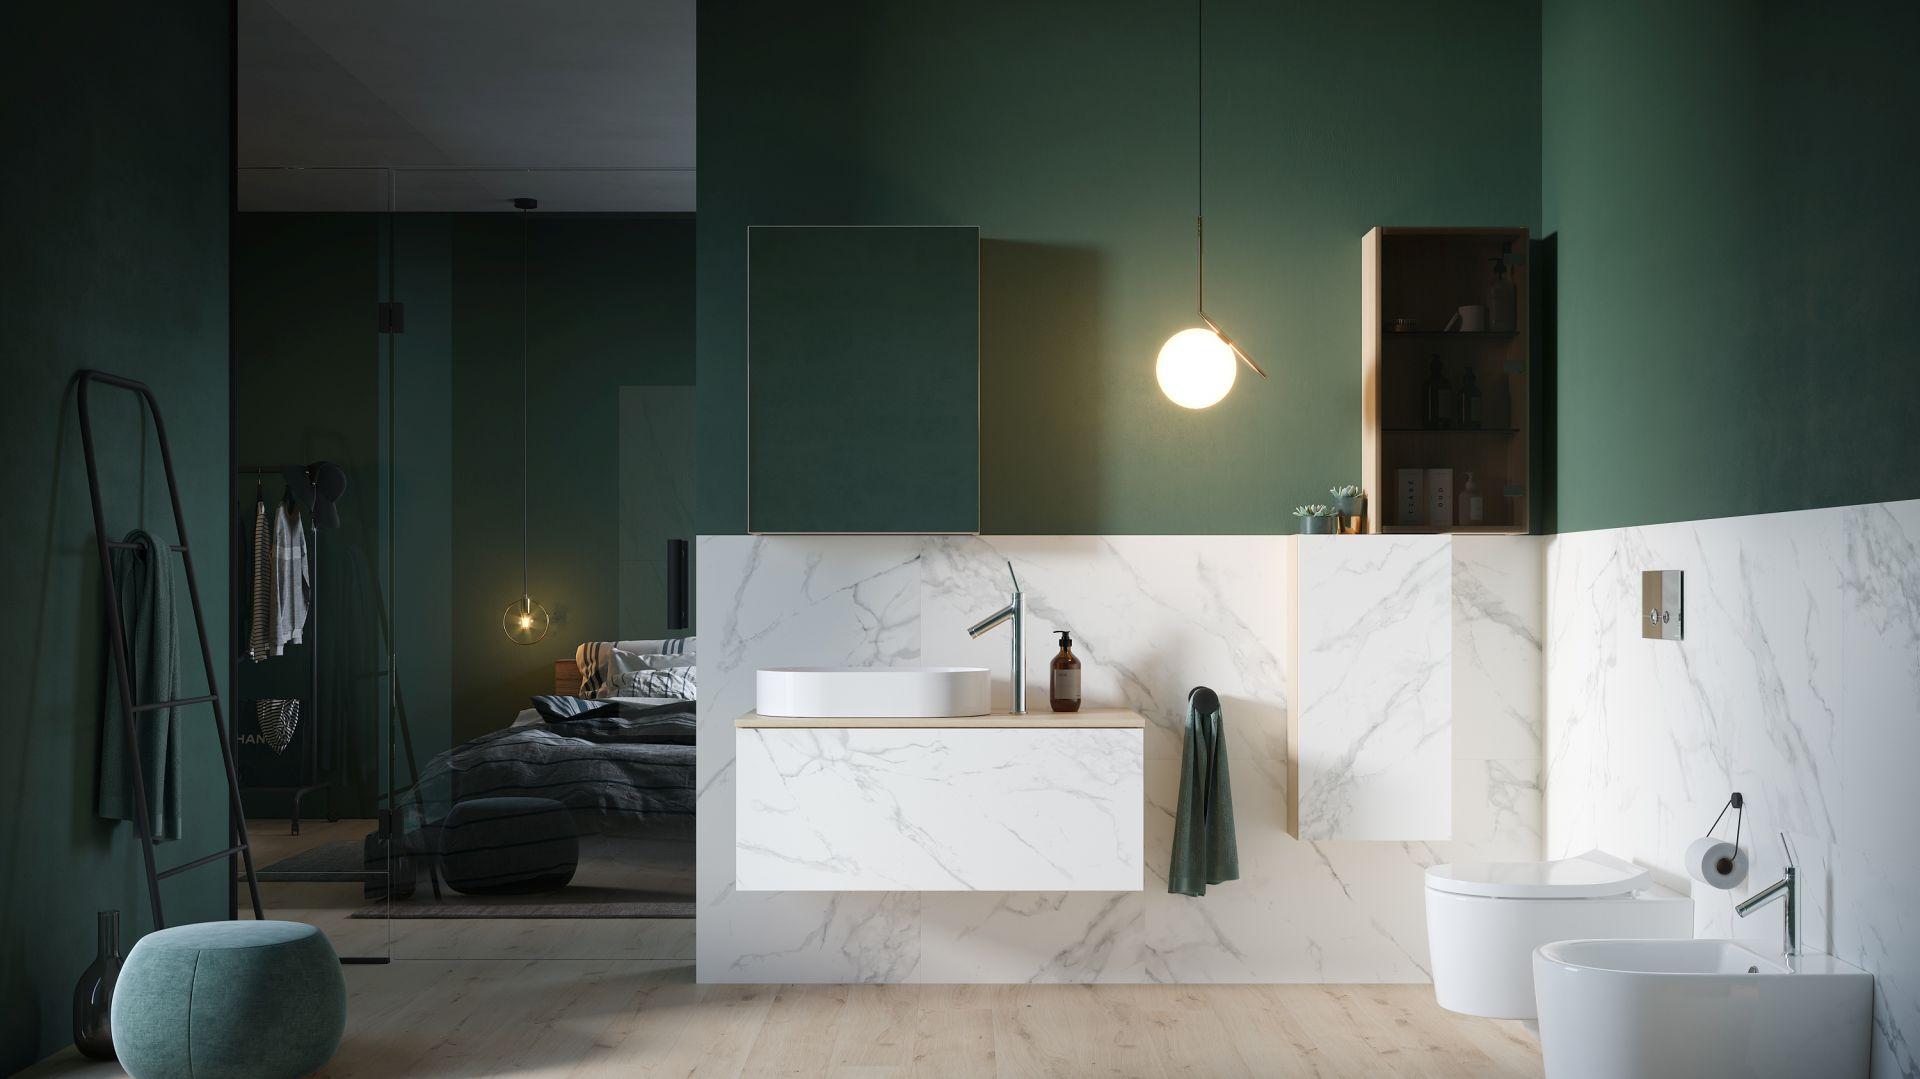 Kolekcja Inverto została stworzona z myślą o tych, dla których elegancki design musi iść w parze z jakością i ergonomią. Fot. Cersanit